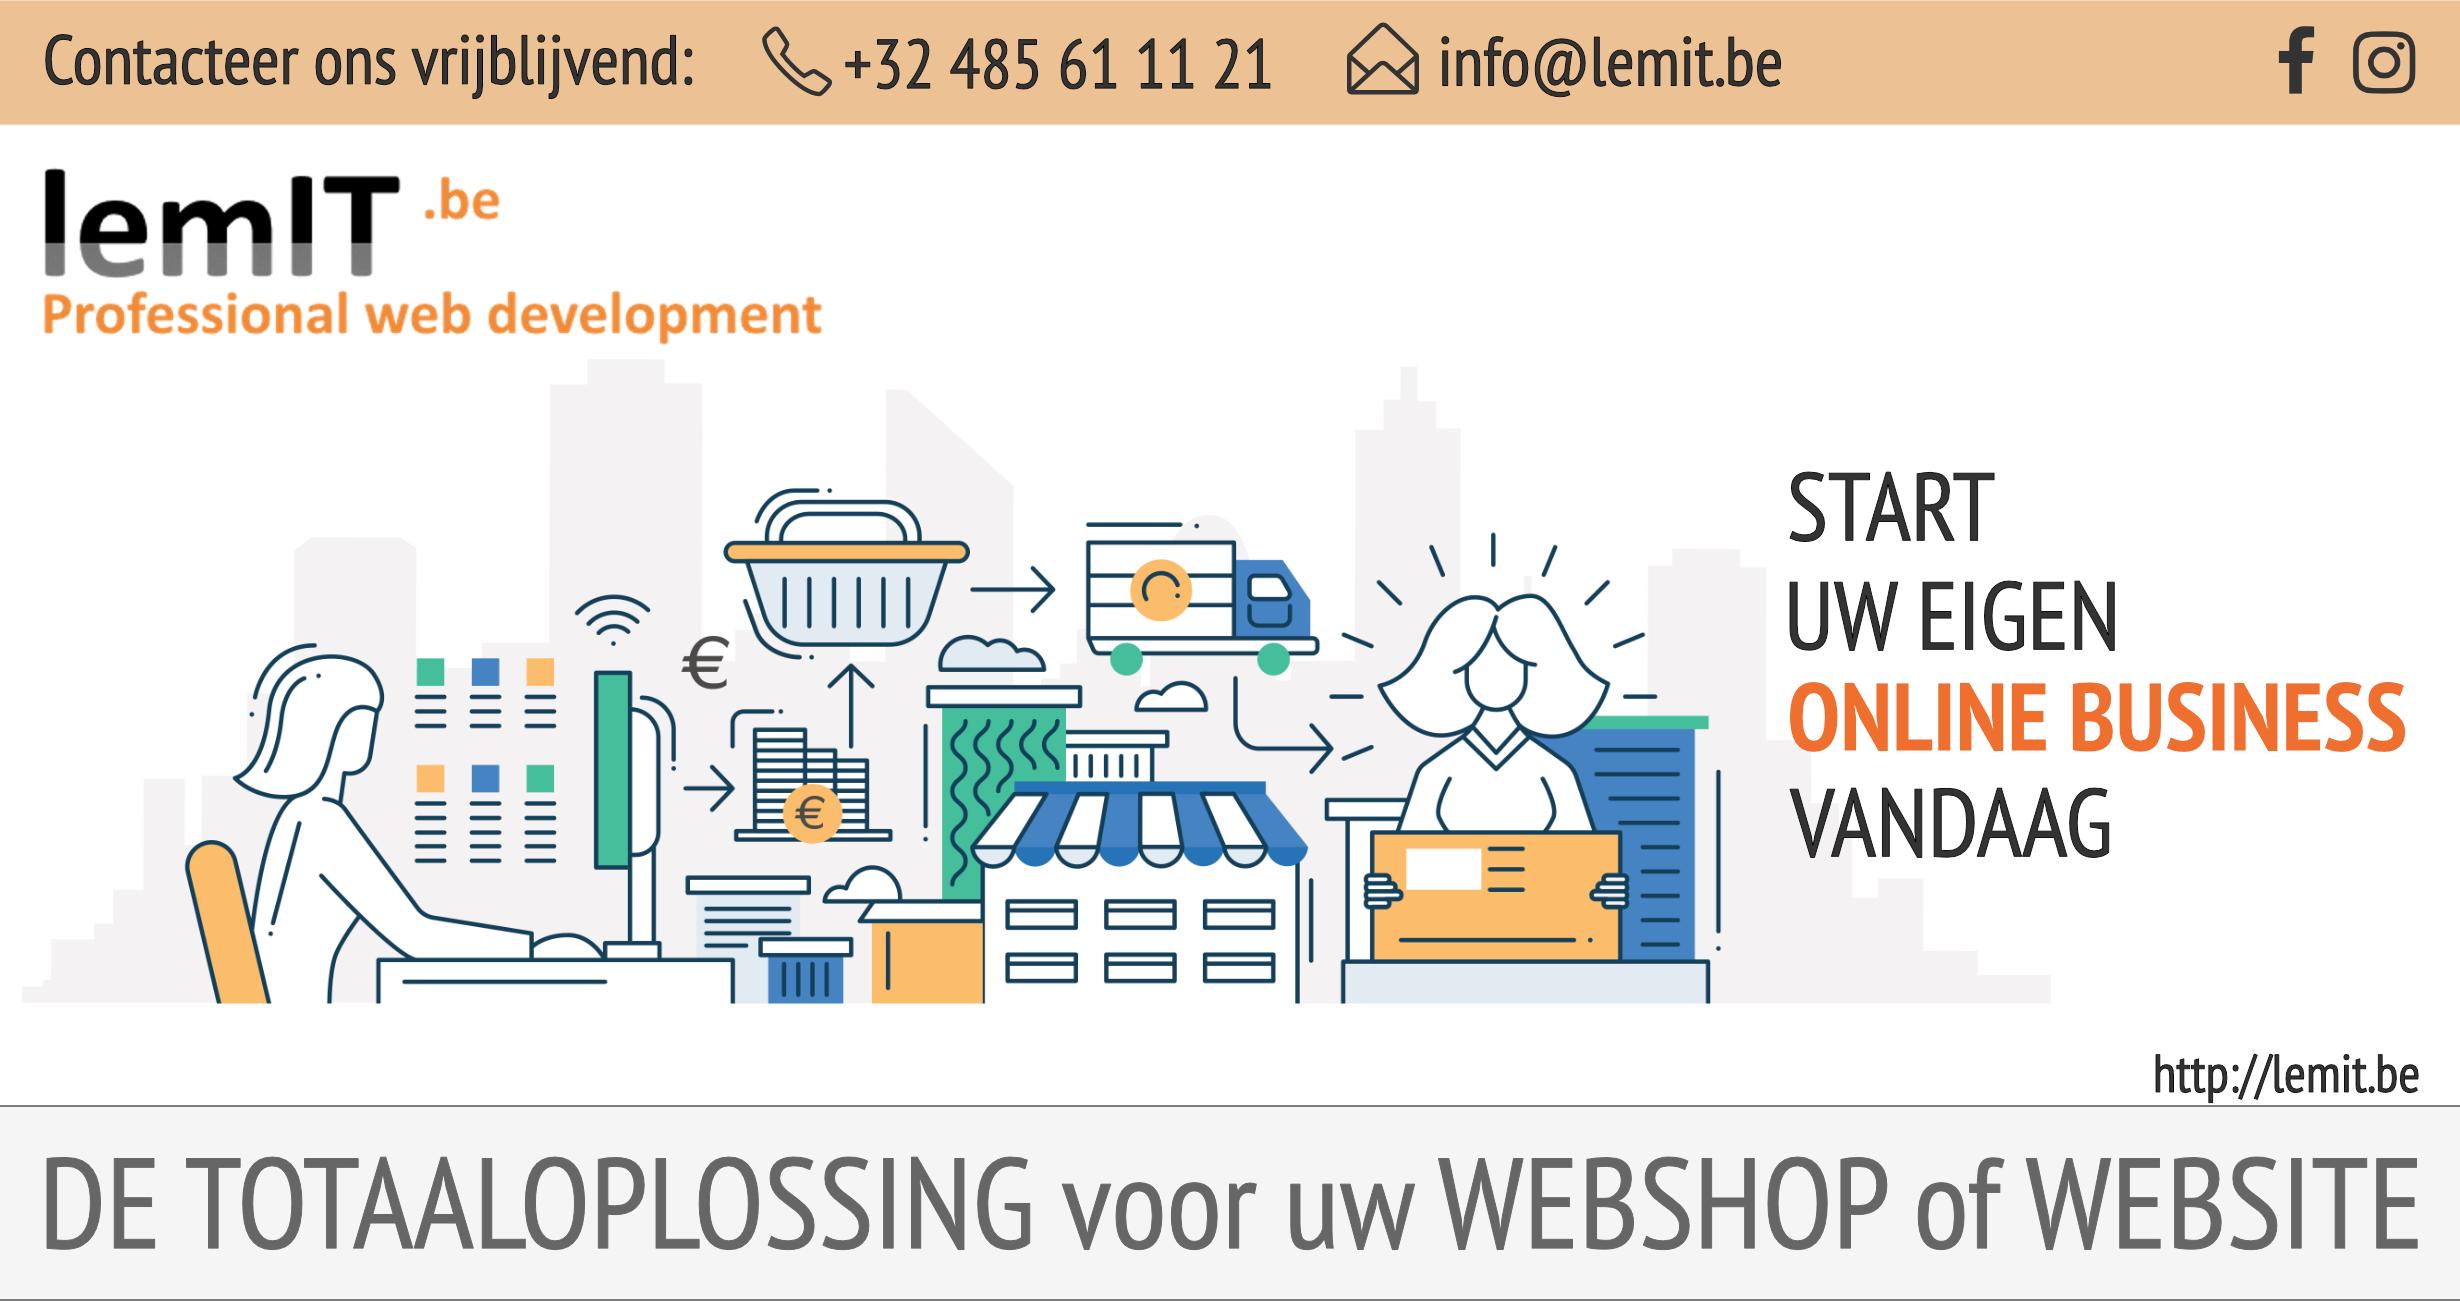 lemIT webshop services